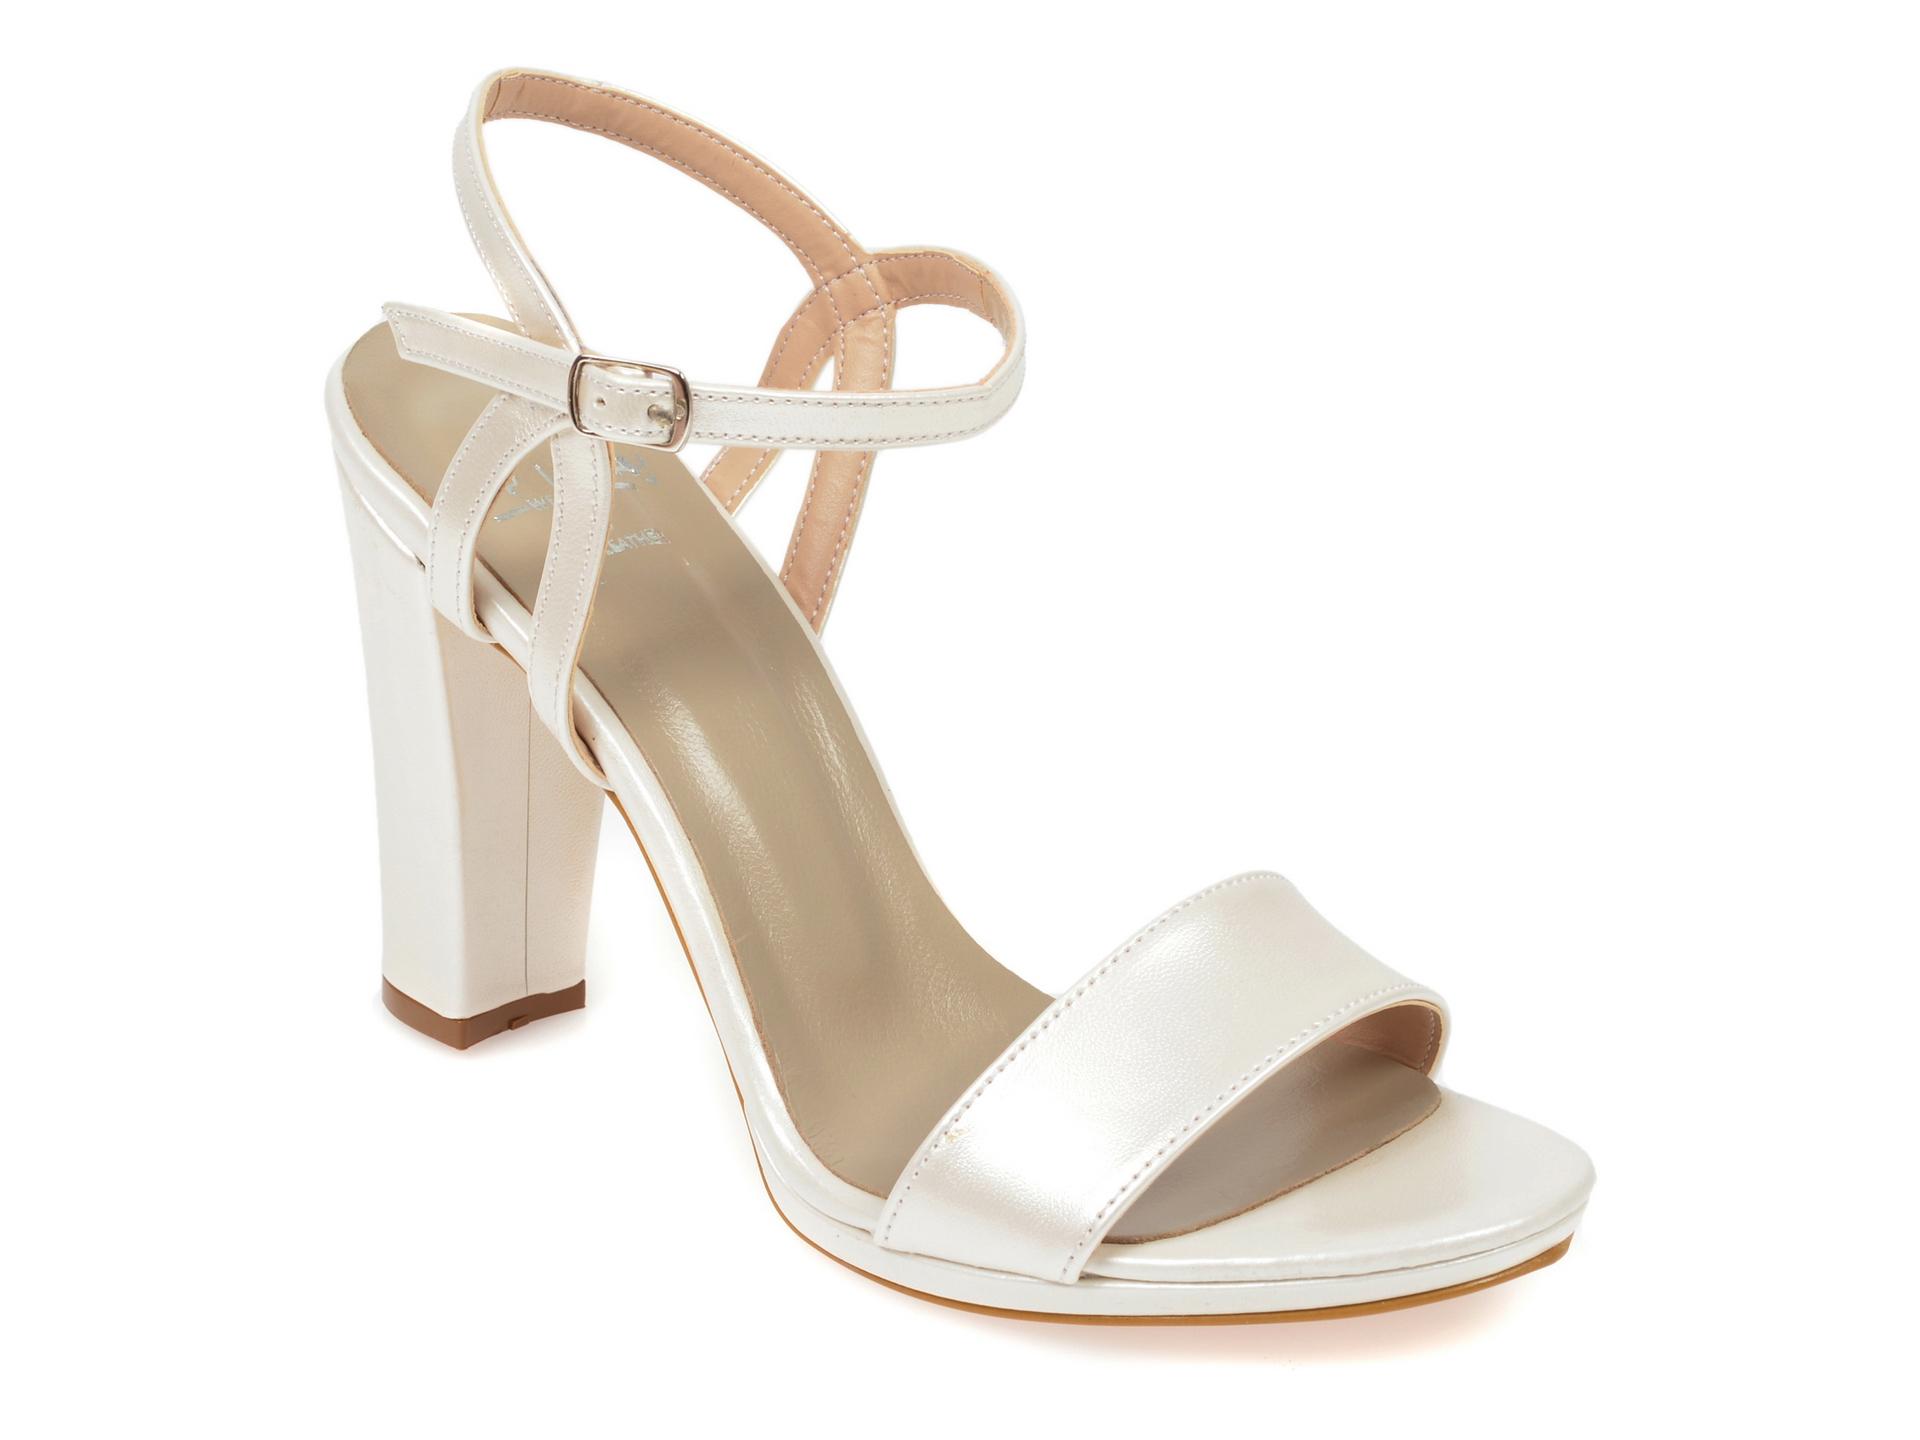 Sandale EPICA albe, 3946300, din piele ecologica